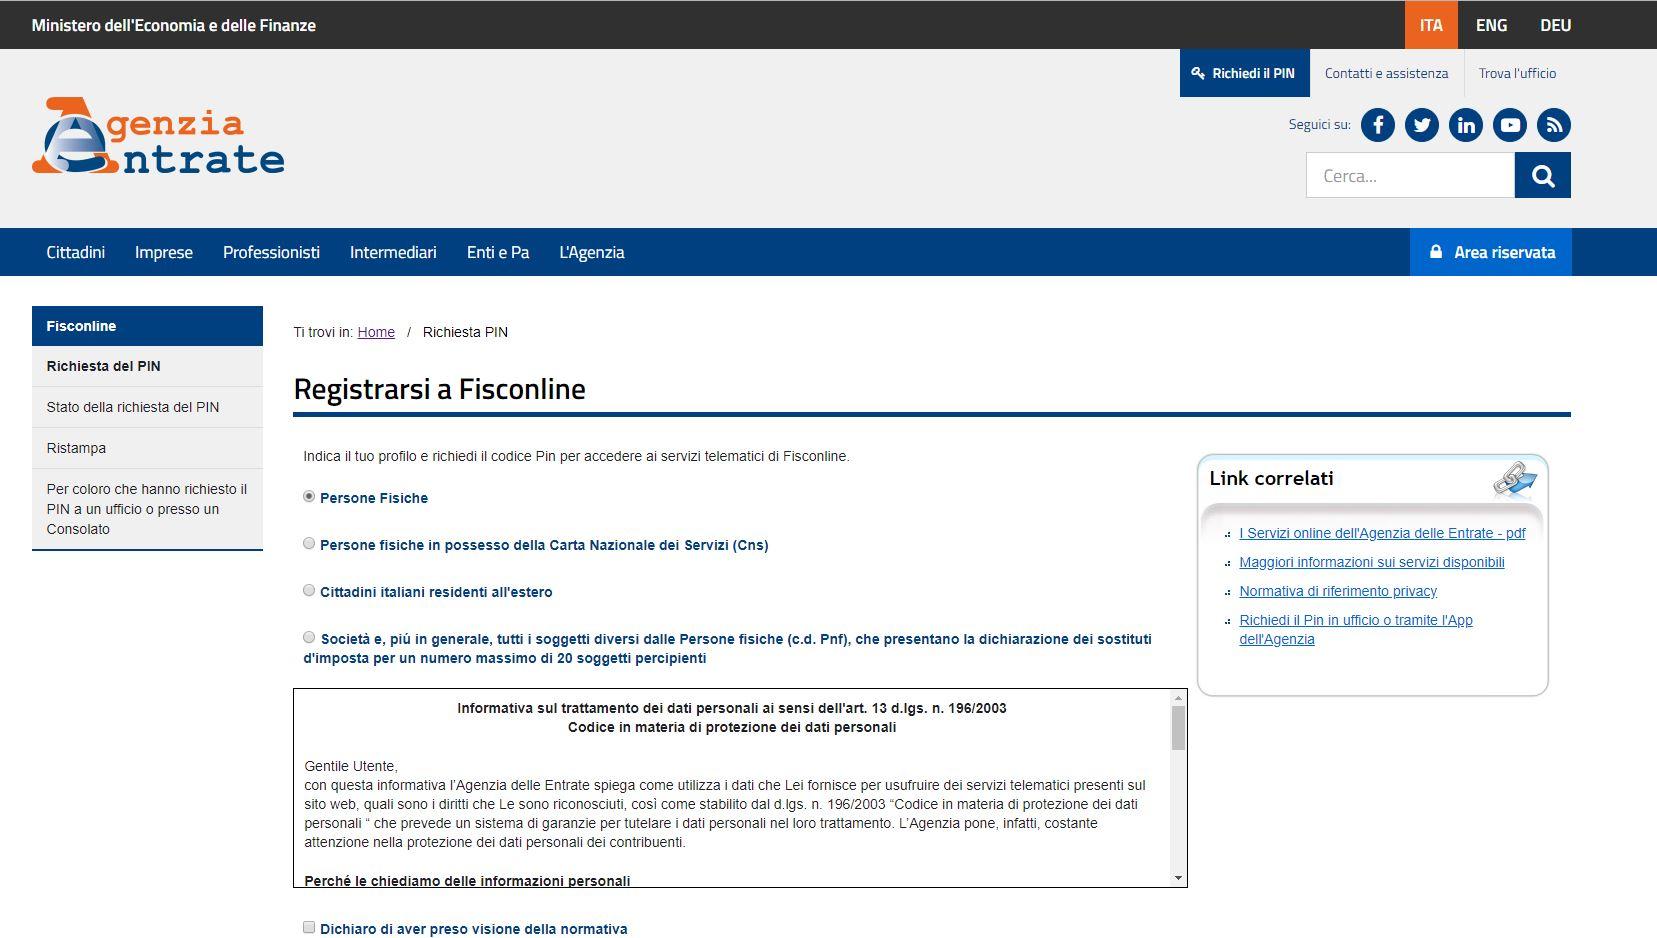 Registrazione al sito agenzia delle entrate - cassetto fiscale